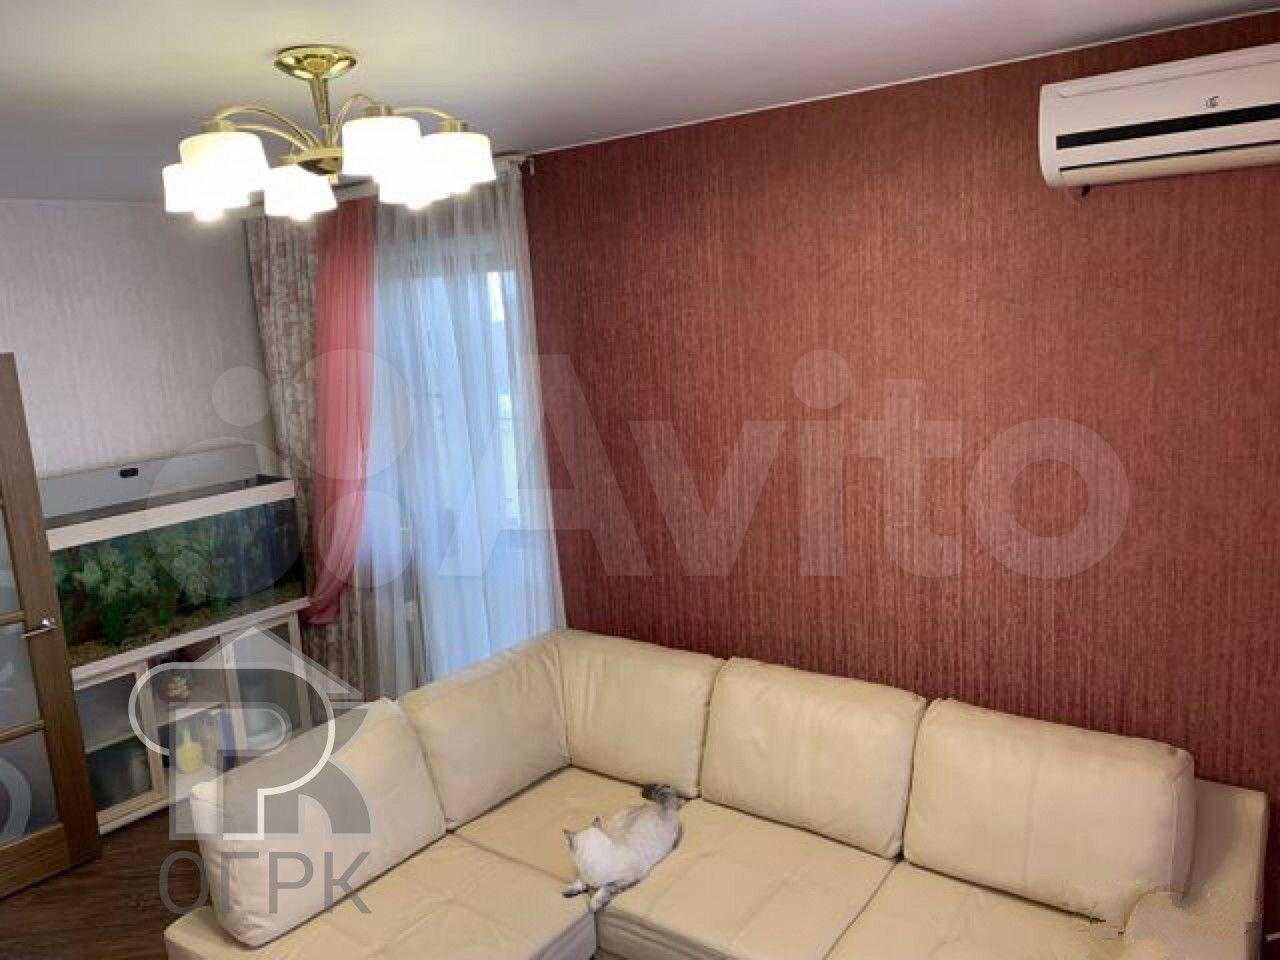 3-к квартира, 80.5 м², 13/17 эт.  89297269532 купить 1